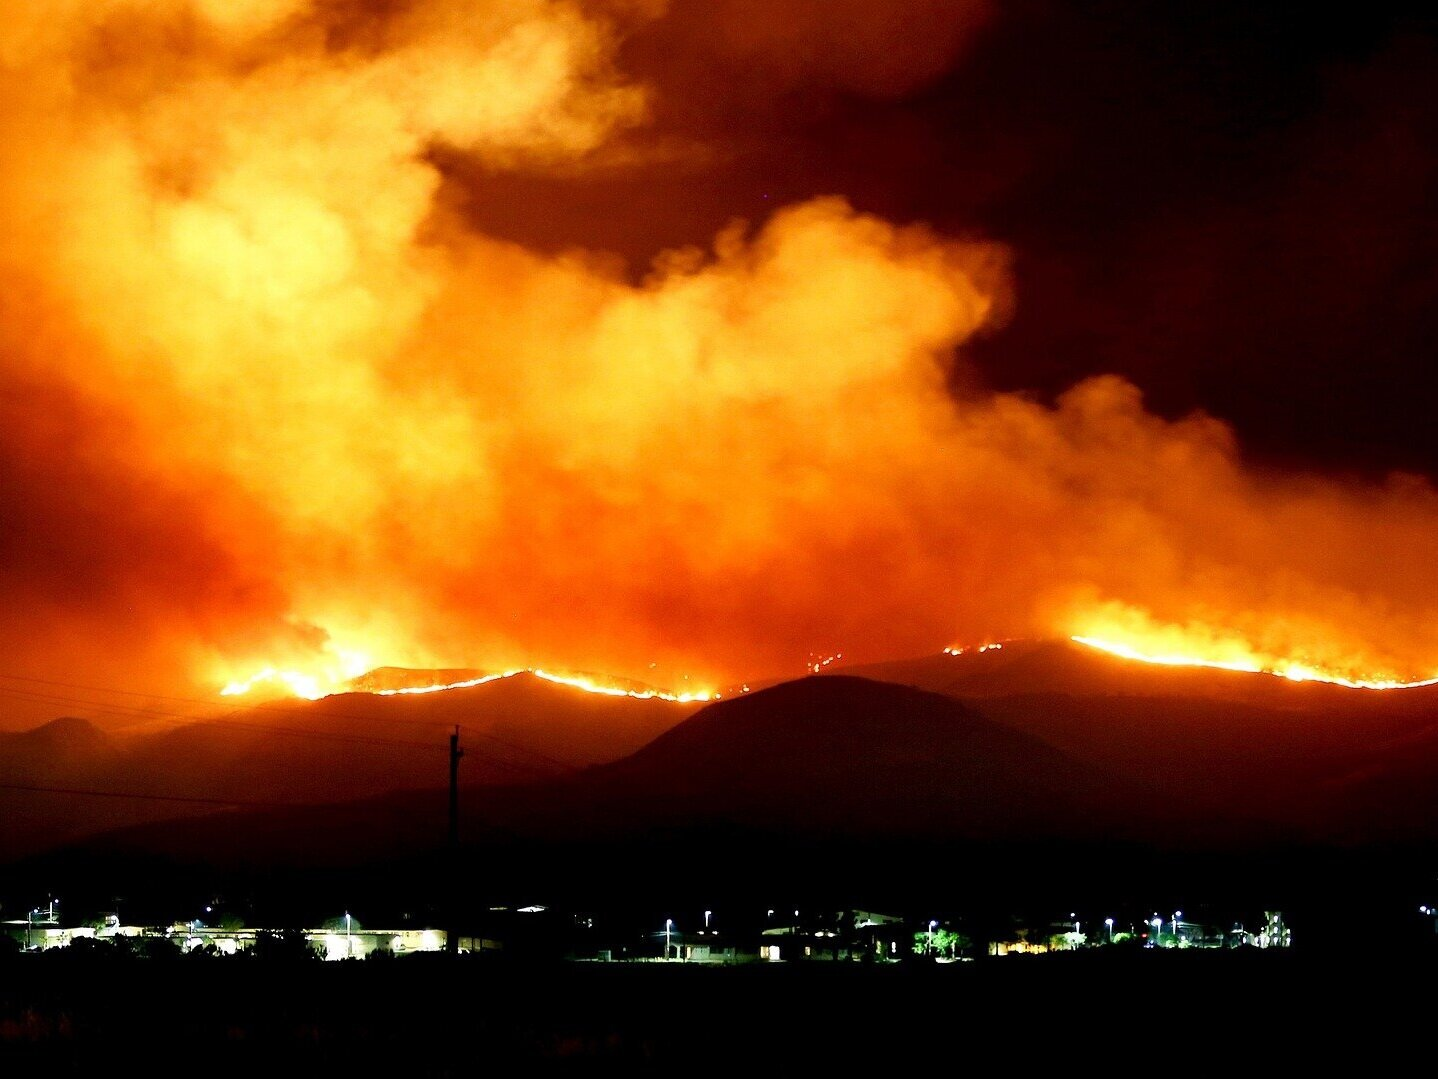 forest-fire-3747355_1920.jpg